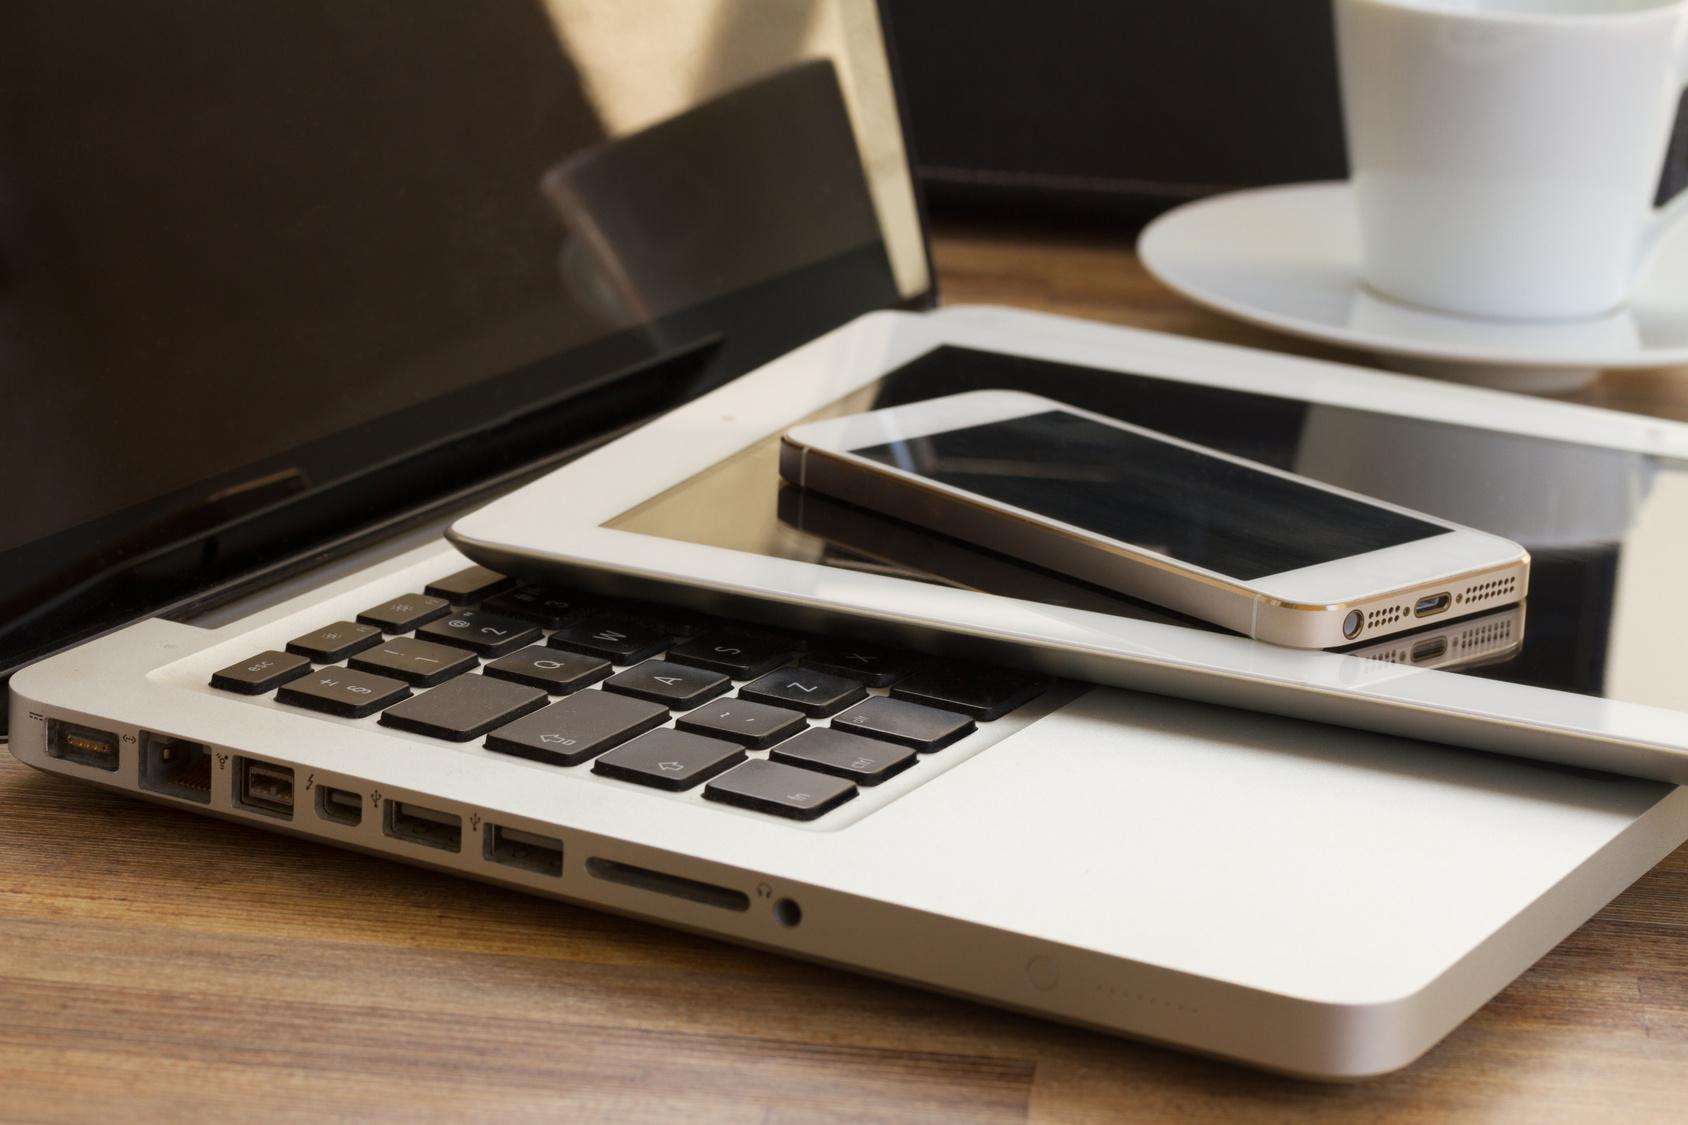 webentwicklung-esra-yaren-fuer-unternehmen-und-privat